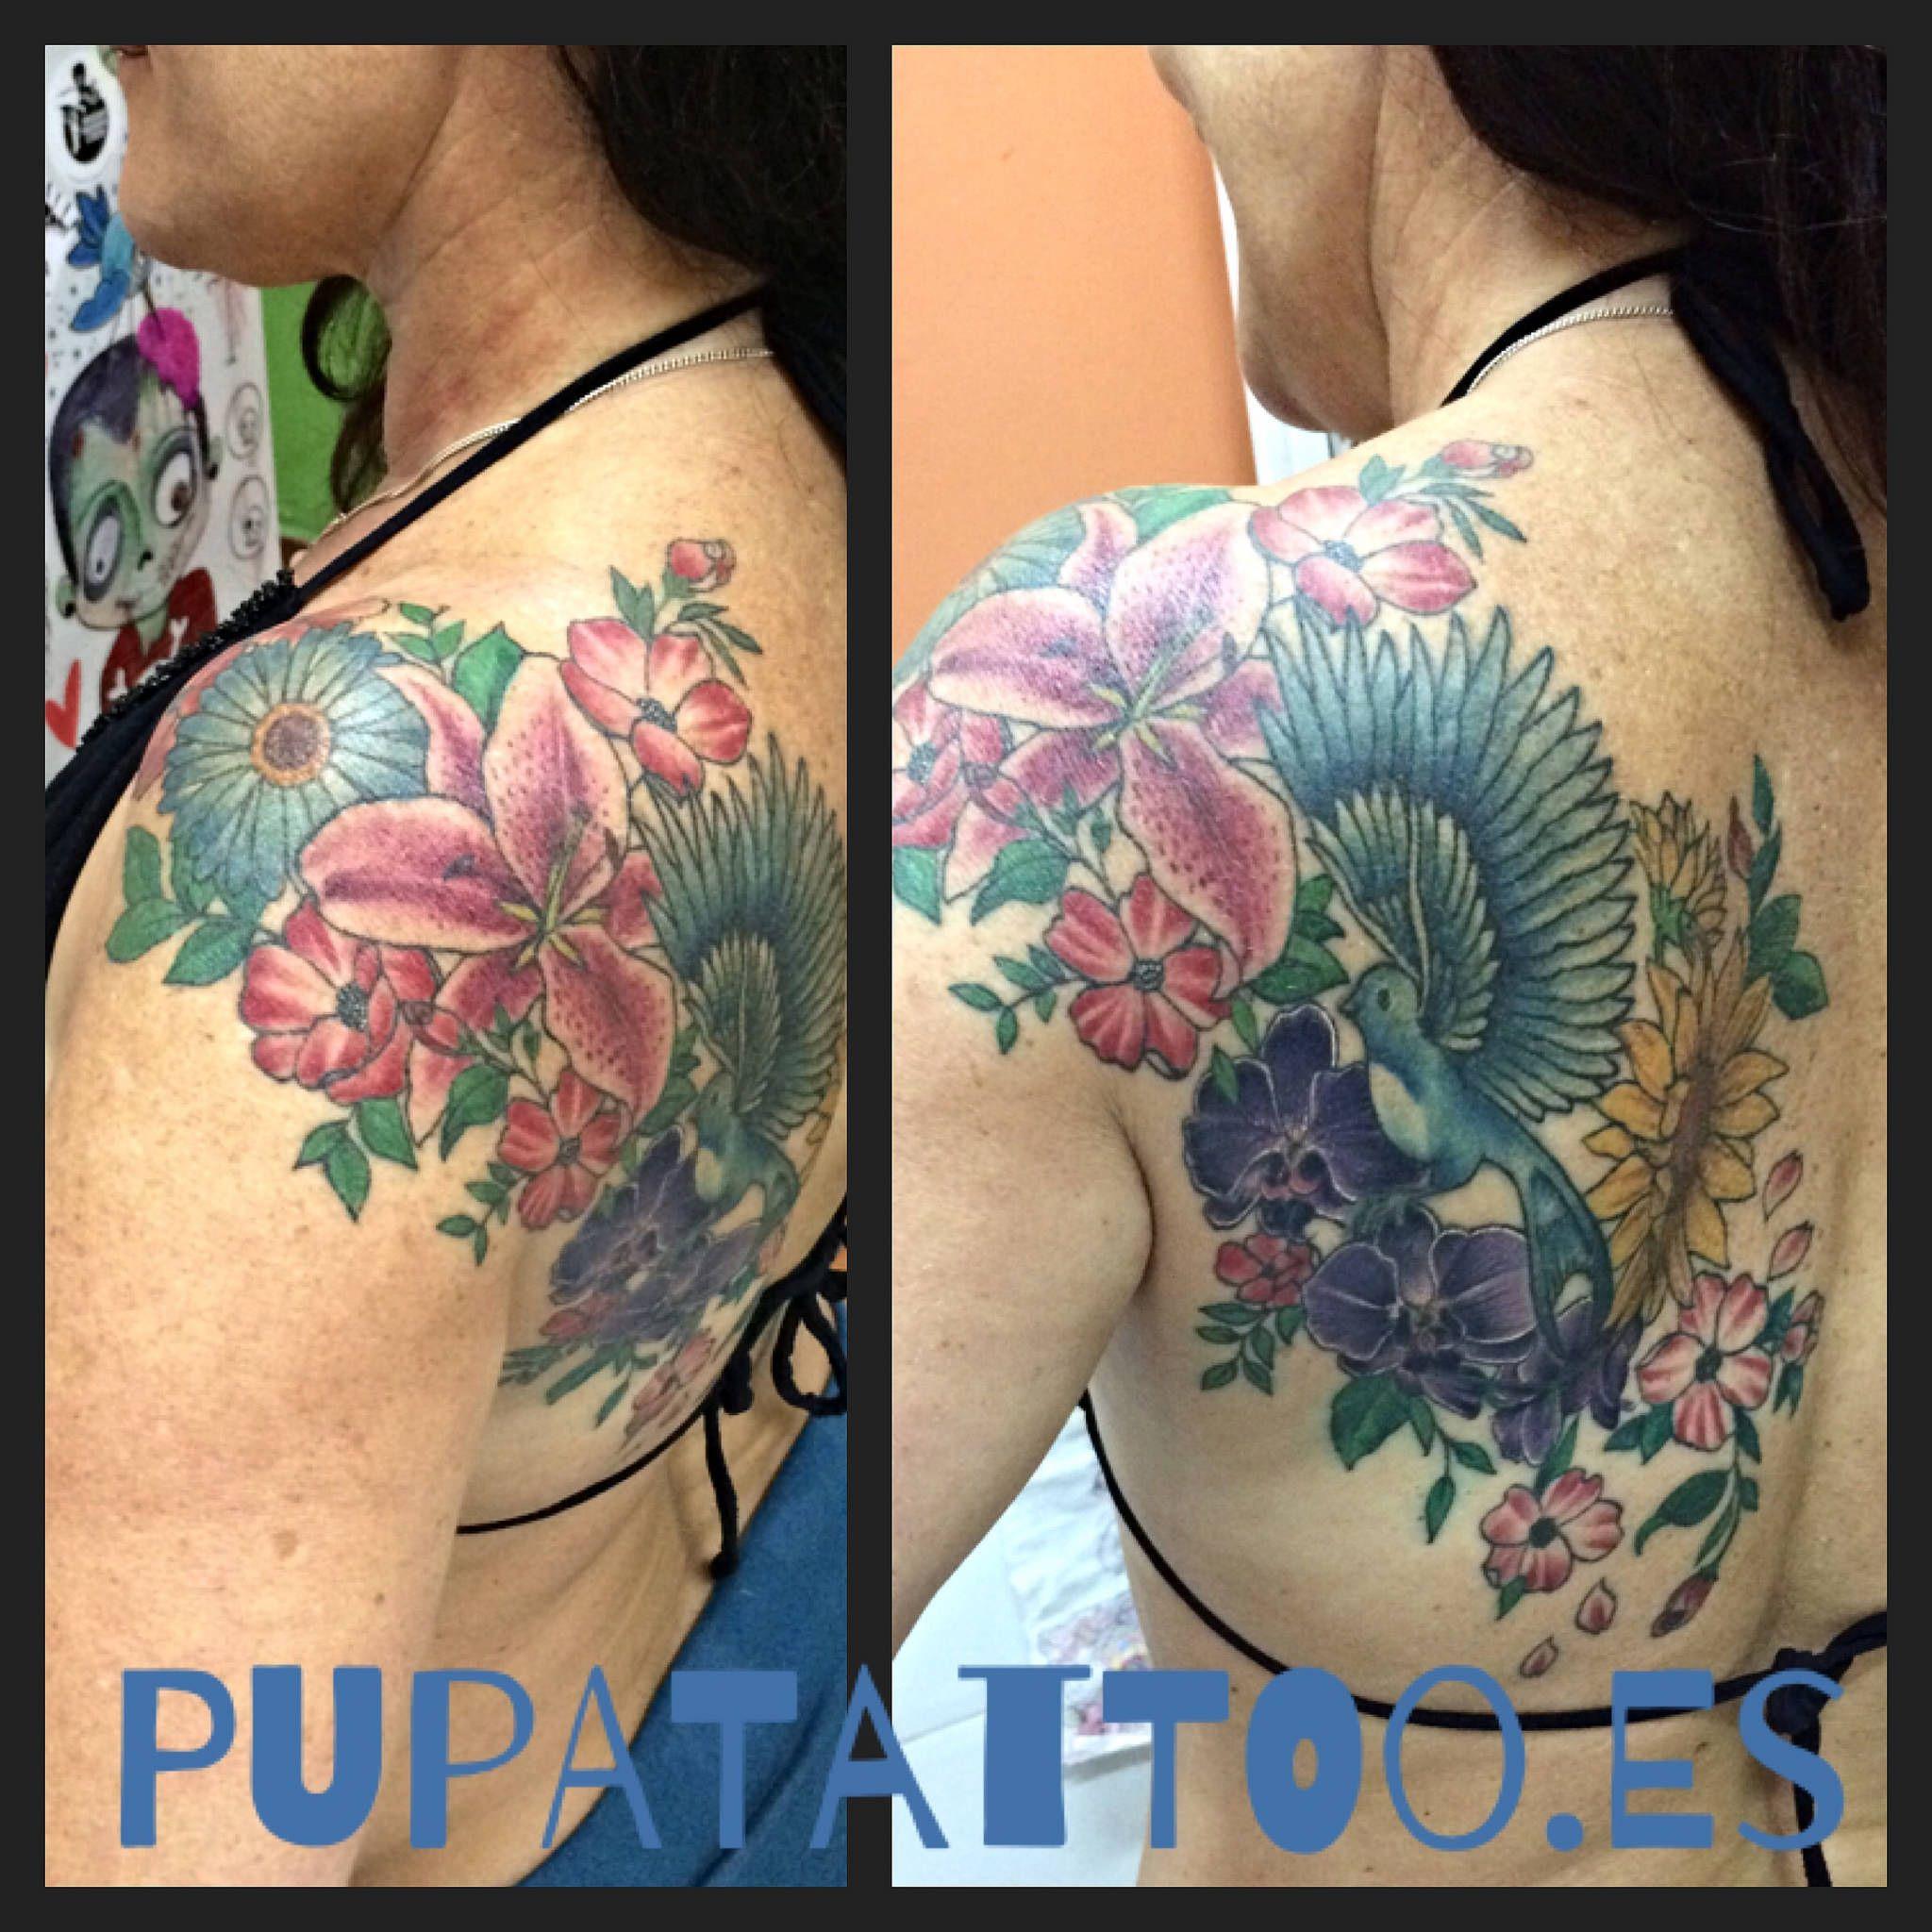 https://flic.kr/p/VdMS3U | Tatuaje Flores Pupa Tattoo Granada | Web: www.pupatattoo.es/  Citas: 958221280  #tattoo #tattoos #tatuaje #tatuajes #tattoogranada #ink #inked #inkaddict #timetattoo #tattooart #tattooartists